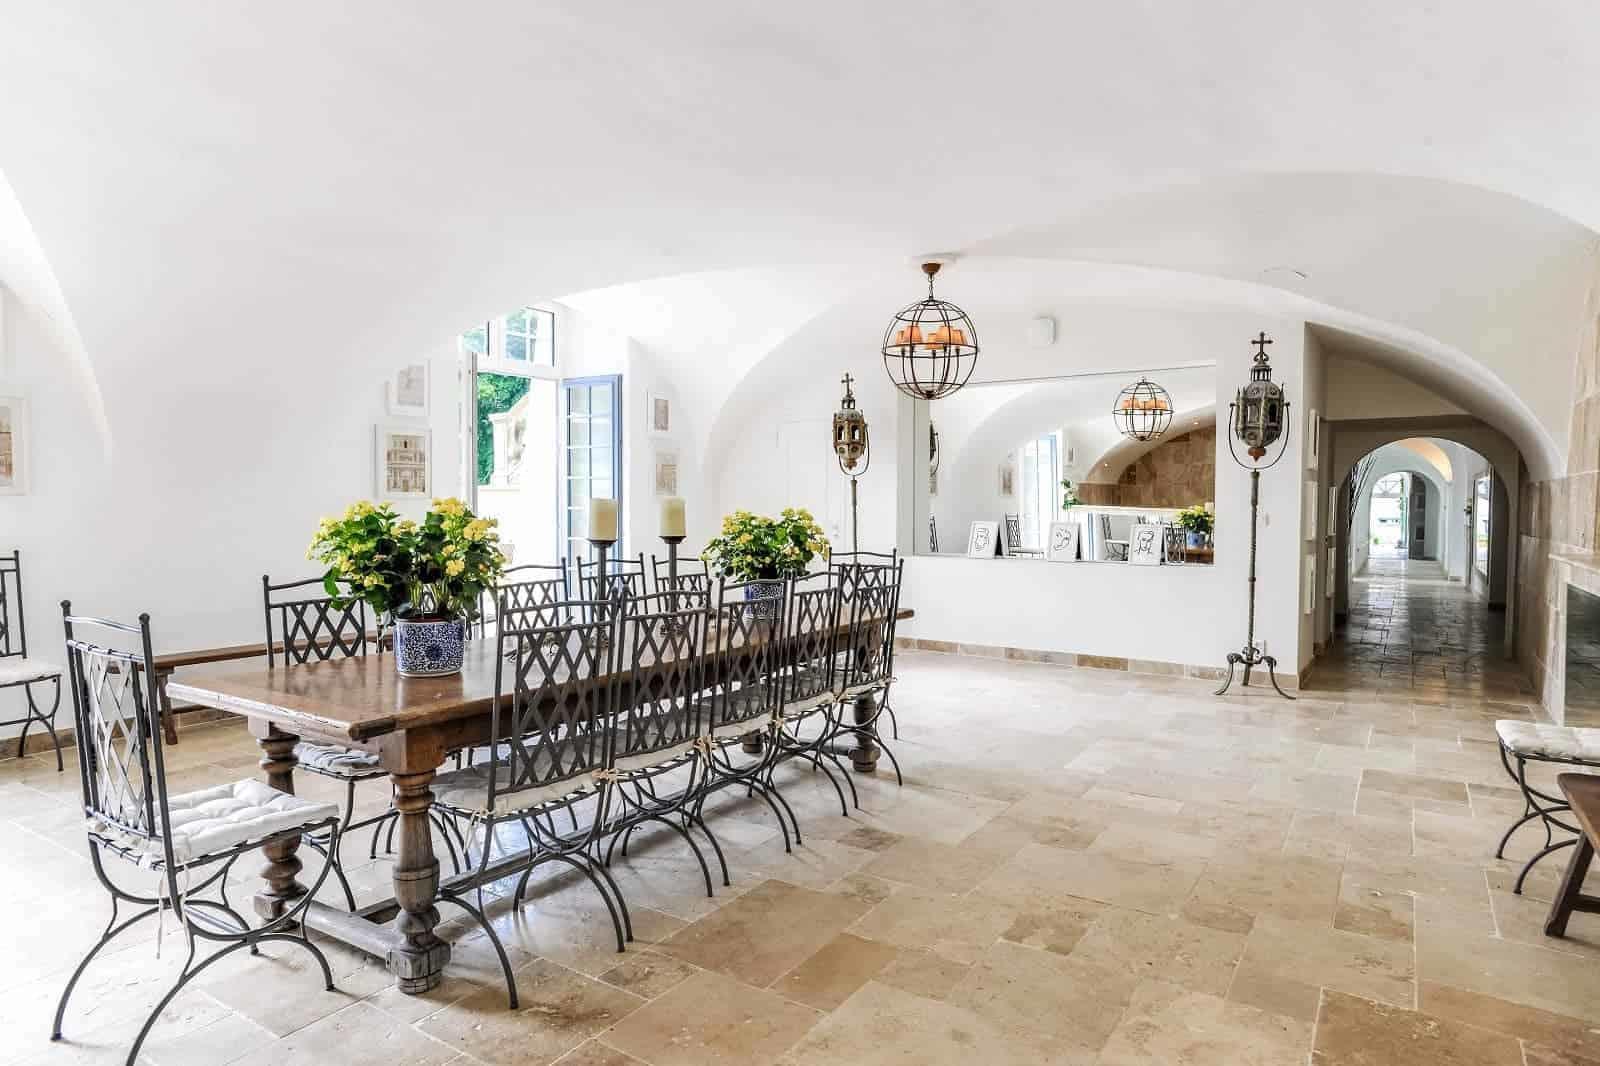 chateau-hotel-renove-a-vendre-caen-normandie-piscine-interieure-exterieure-spa-terrasse-pavillon-chasse